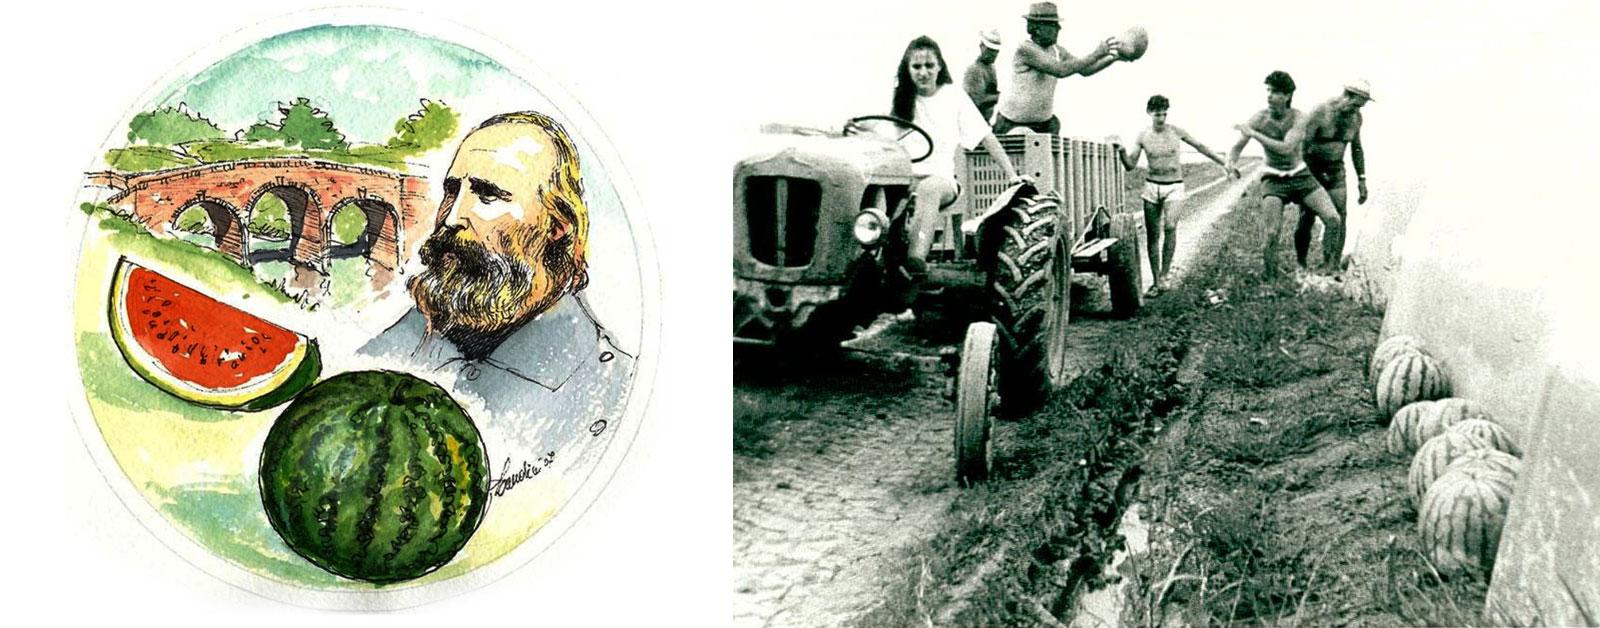 Foto storiche: Garibaldi e l'Anguria Reggiana IGP - Famiglia di coltivatori che raccoglie cocomeri anni '70